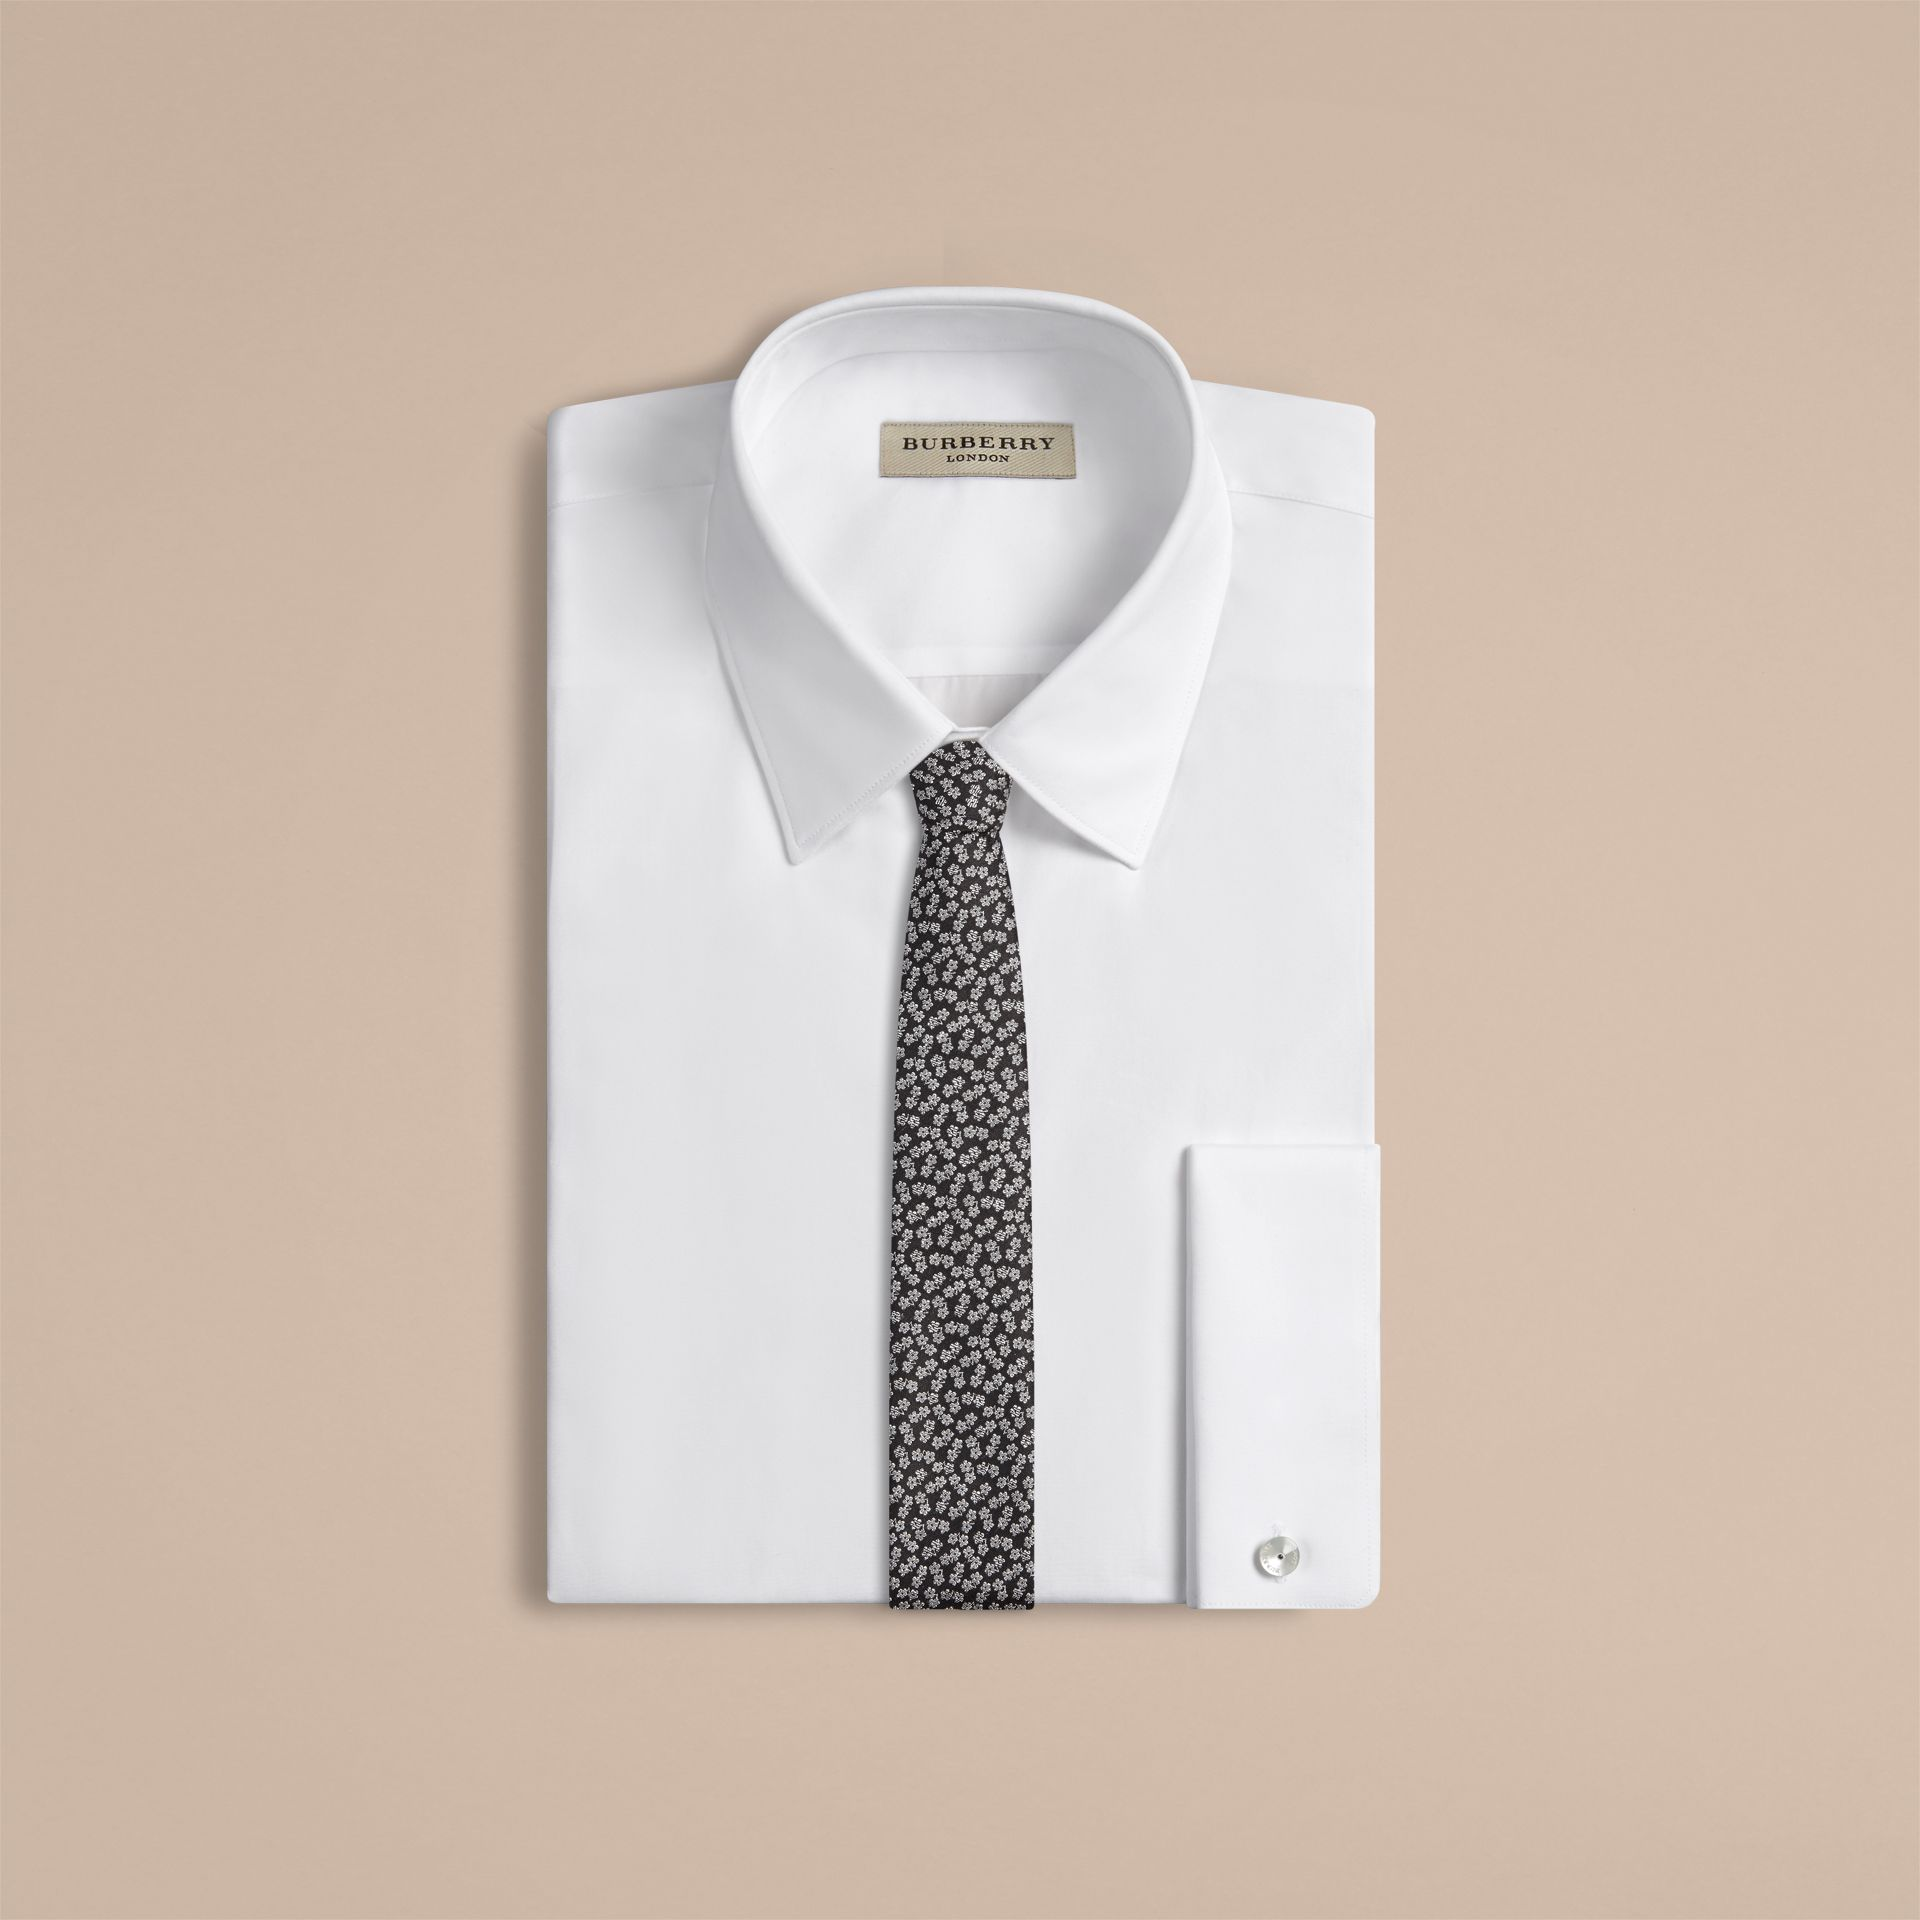 Черный Узкий галстук с жаккардовым узором - изображение 2